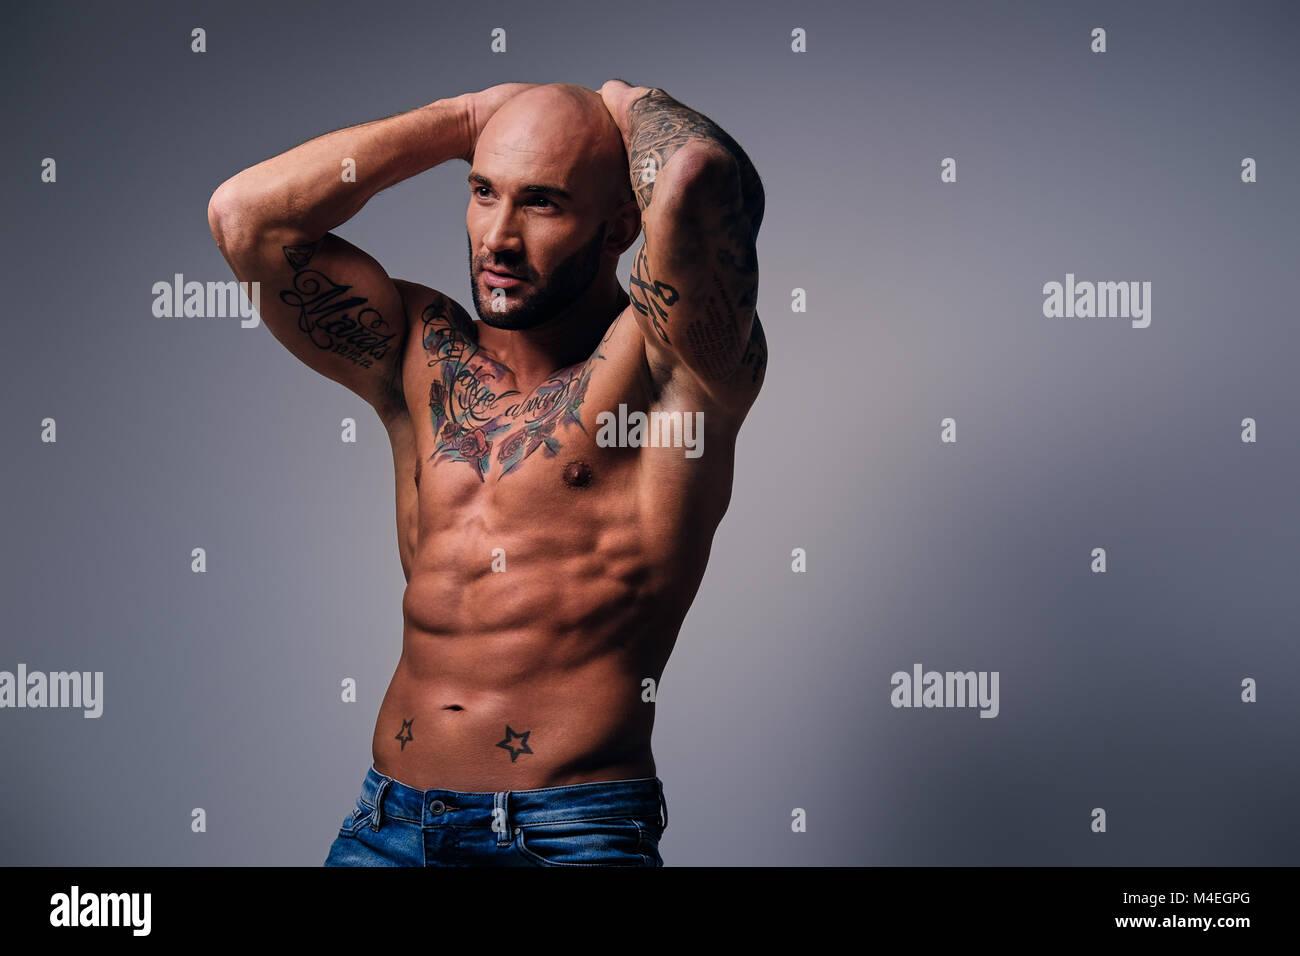 Tattoos muskulöse männer mit Männer mit